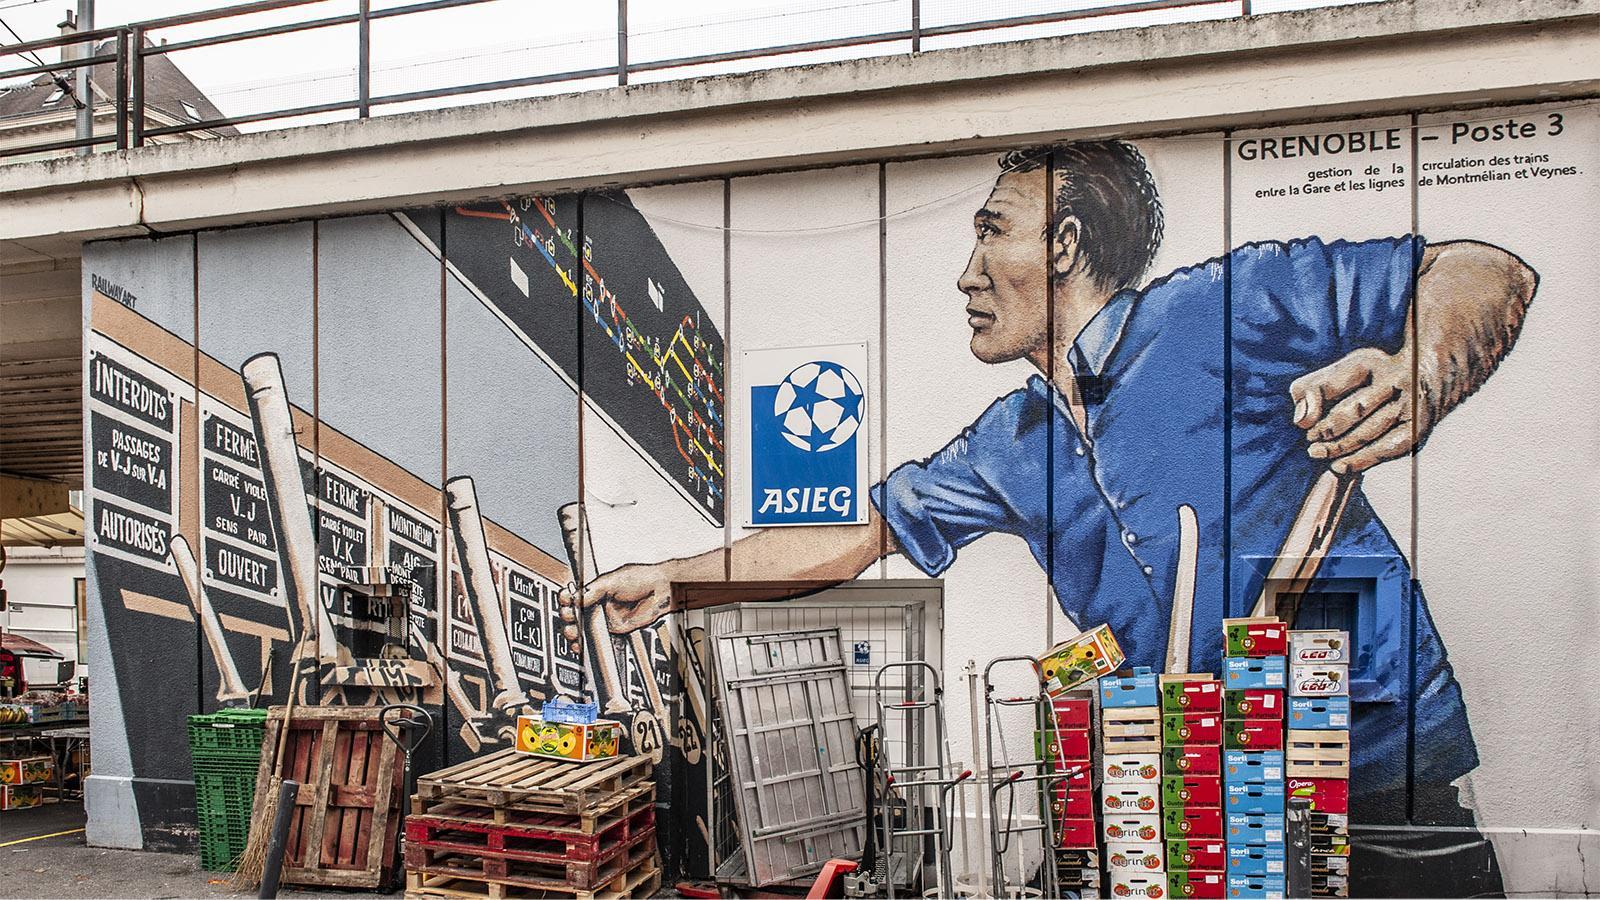 Seit 2018 malt der Künstler neben Wandbildern zum Marktgeschehen auch Fresken zum Thema Leben auf der Schiene. Inspirieren lässt er sich dabei von alten Fotos, die er in Büchern und Zeitschriften zum Thema Eisenbahn findet.